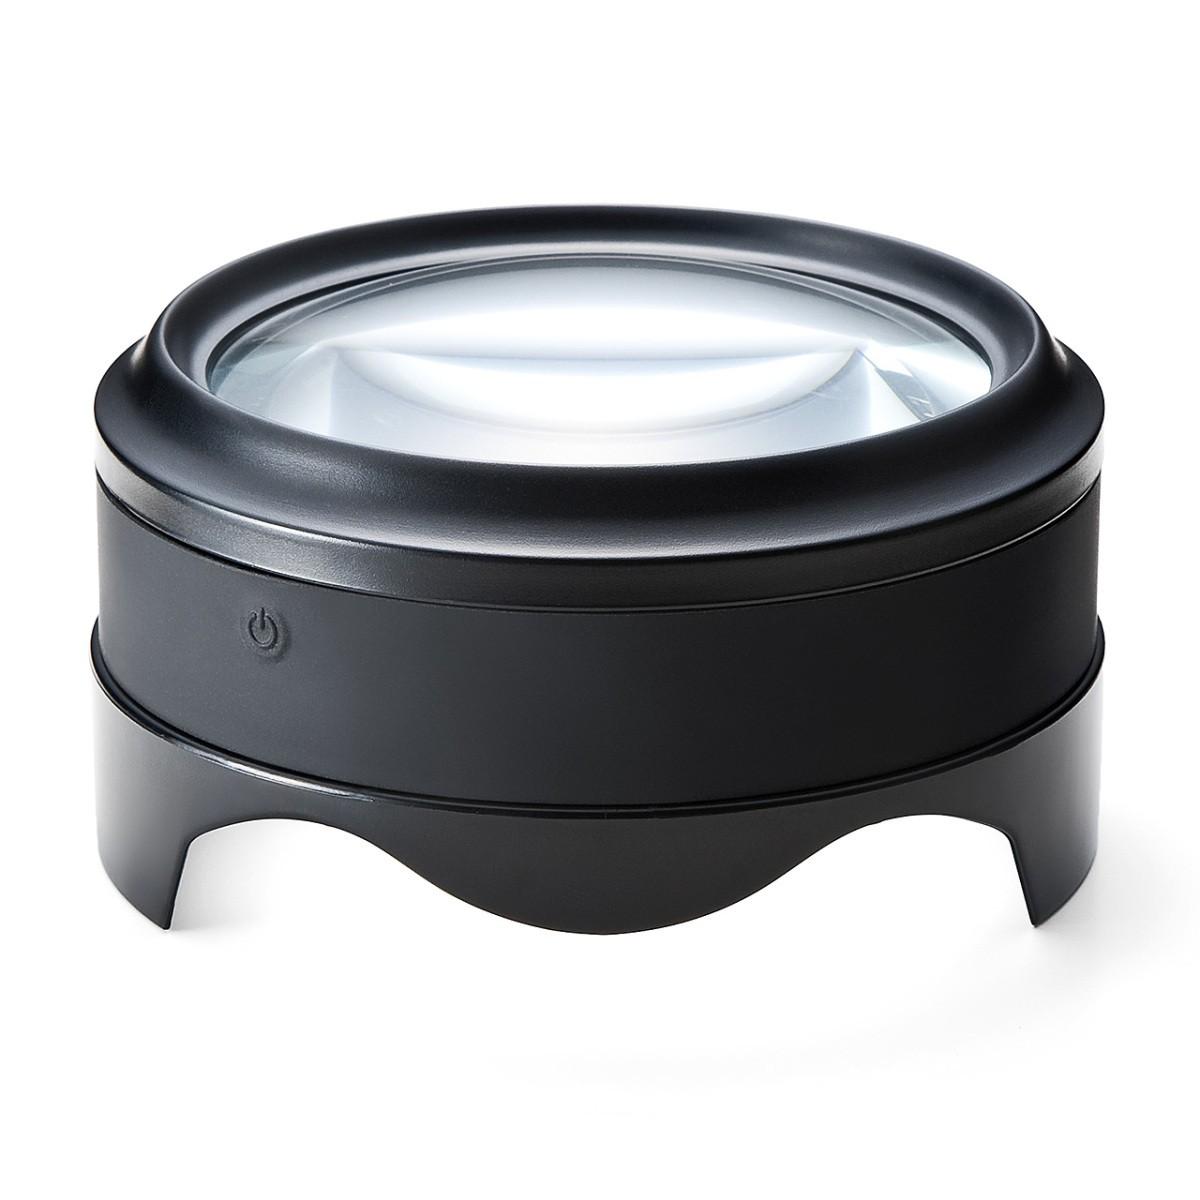 拡大鏡 デスクルーペ 拡大率5倍 返品送料無料 USB充電式 明るく照らすLEDライト付き 毎日激安特売で 営業中です